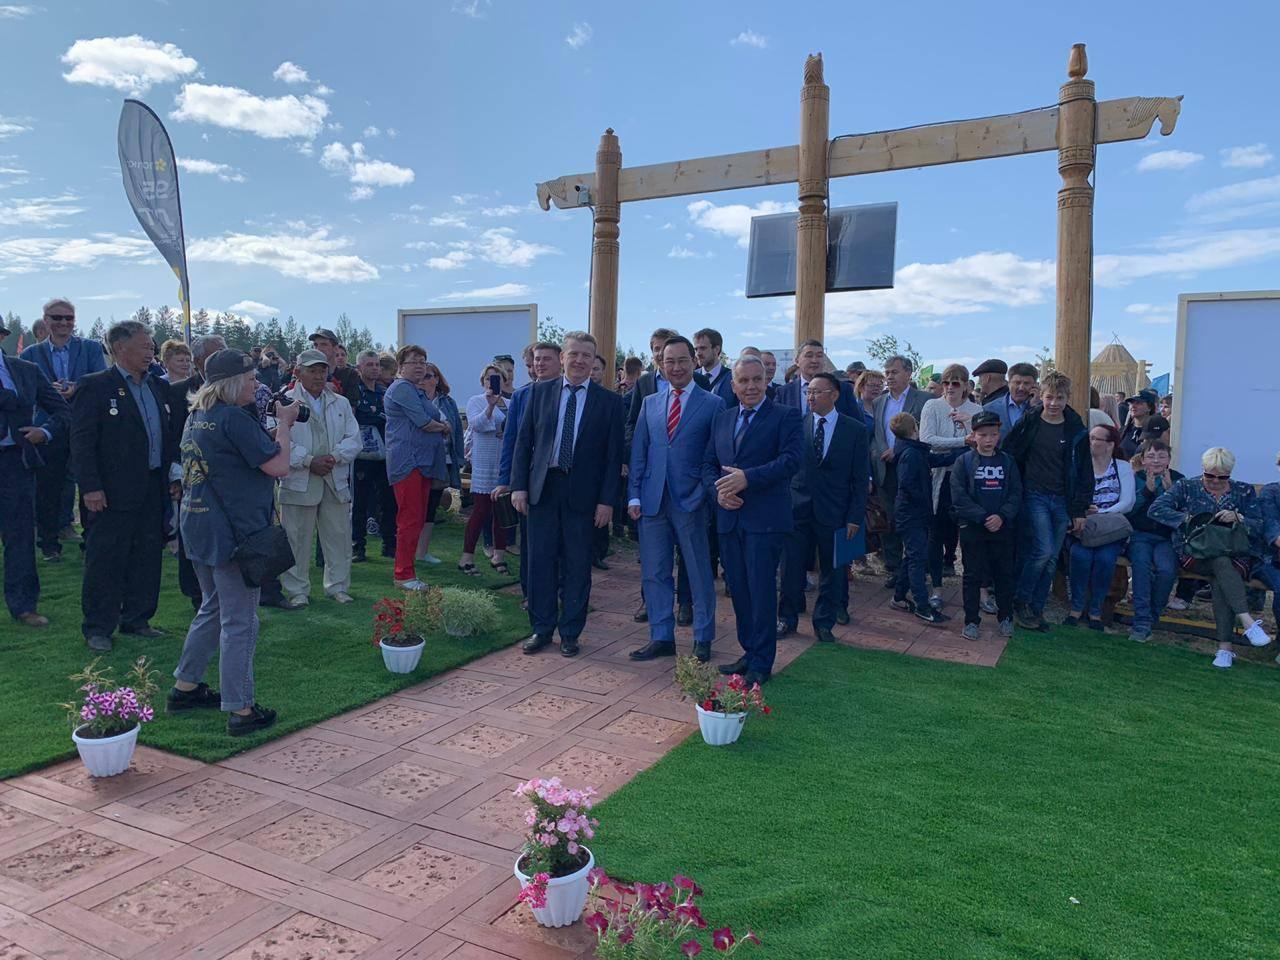 Айсен Николаев поздравил с 95-летием золотодобывающей промышленности Якутии